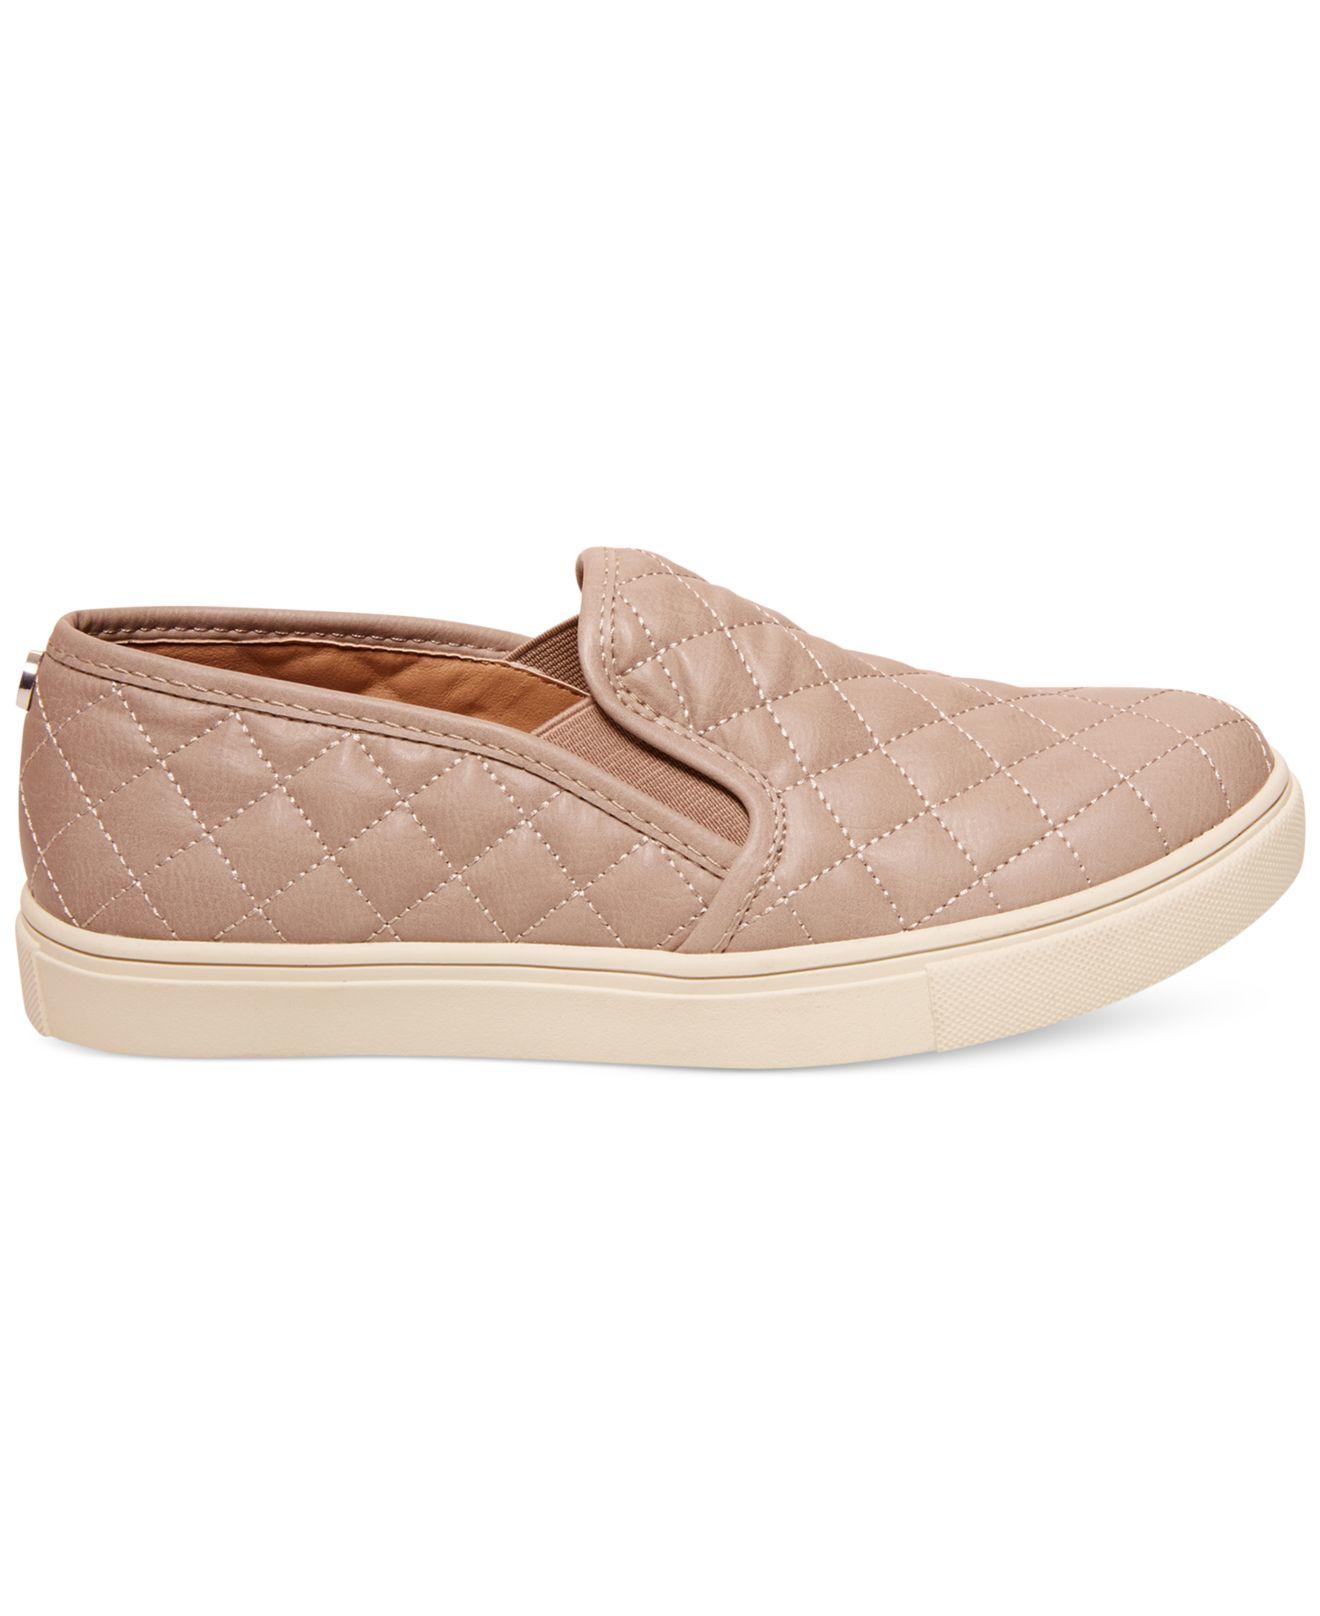 Monaco Flats Shoes